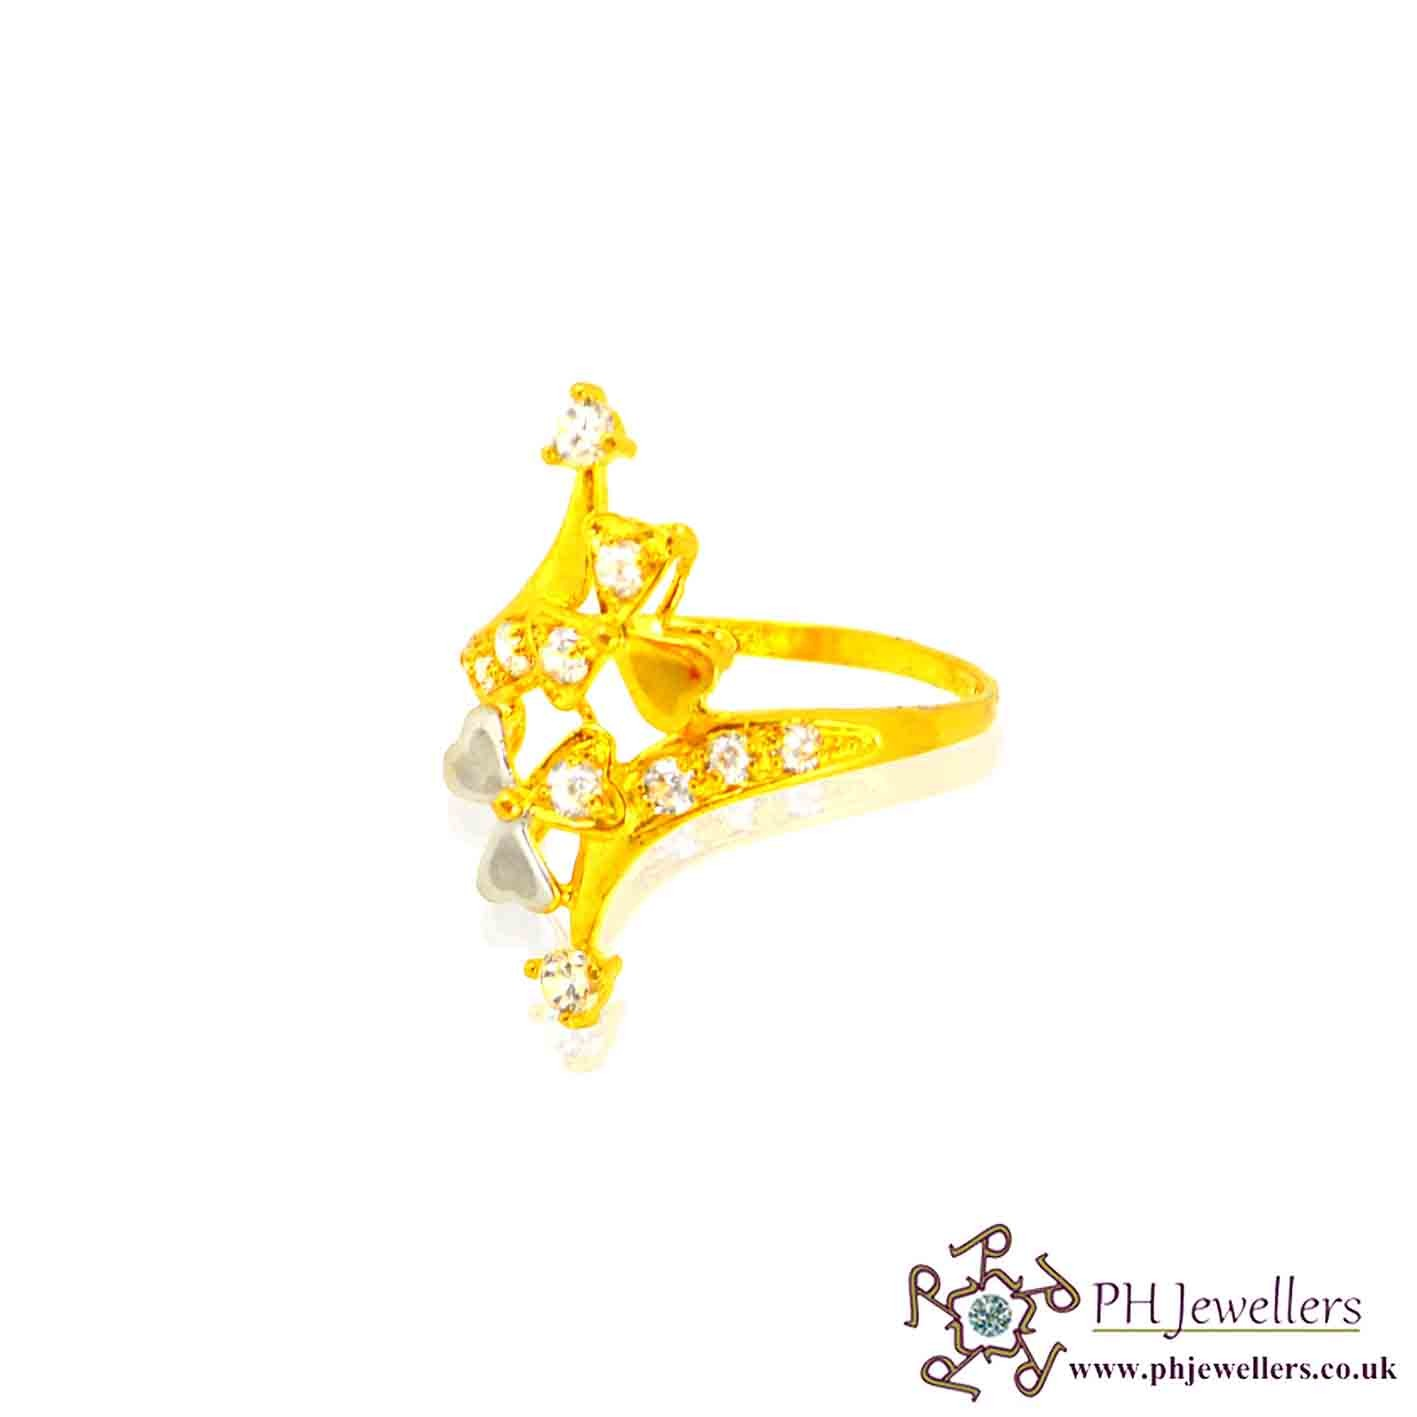 22ct 916 Hallmark Yellow Gold Long Rhodium Size O 1/2,P,Q Ring CZ SR35